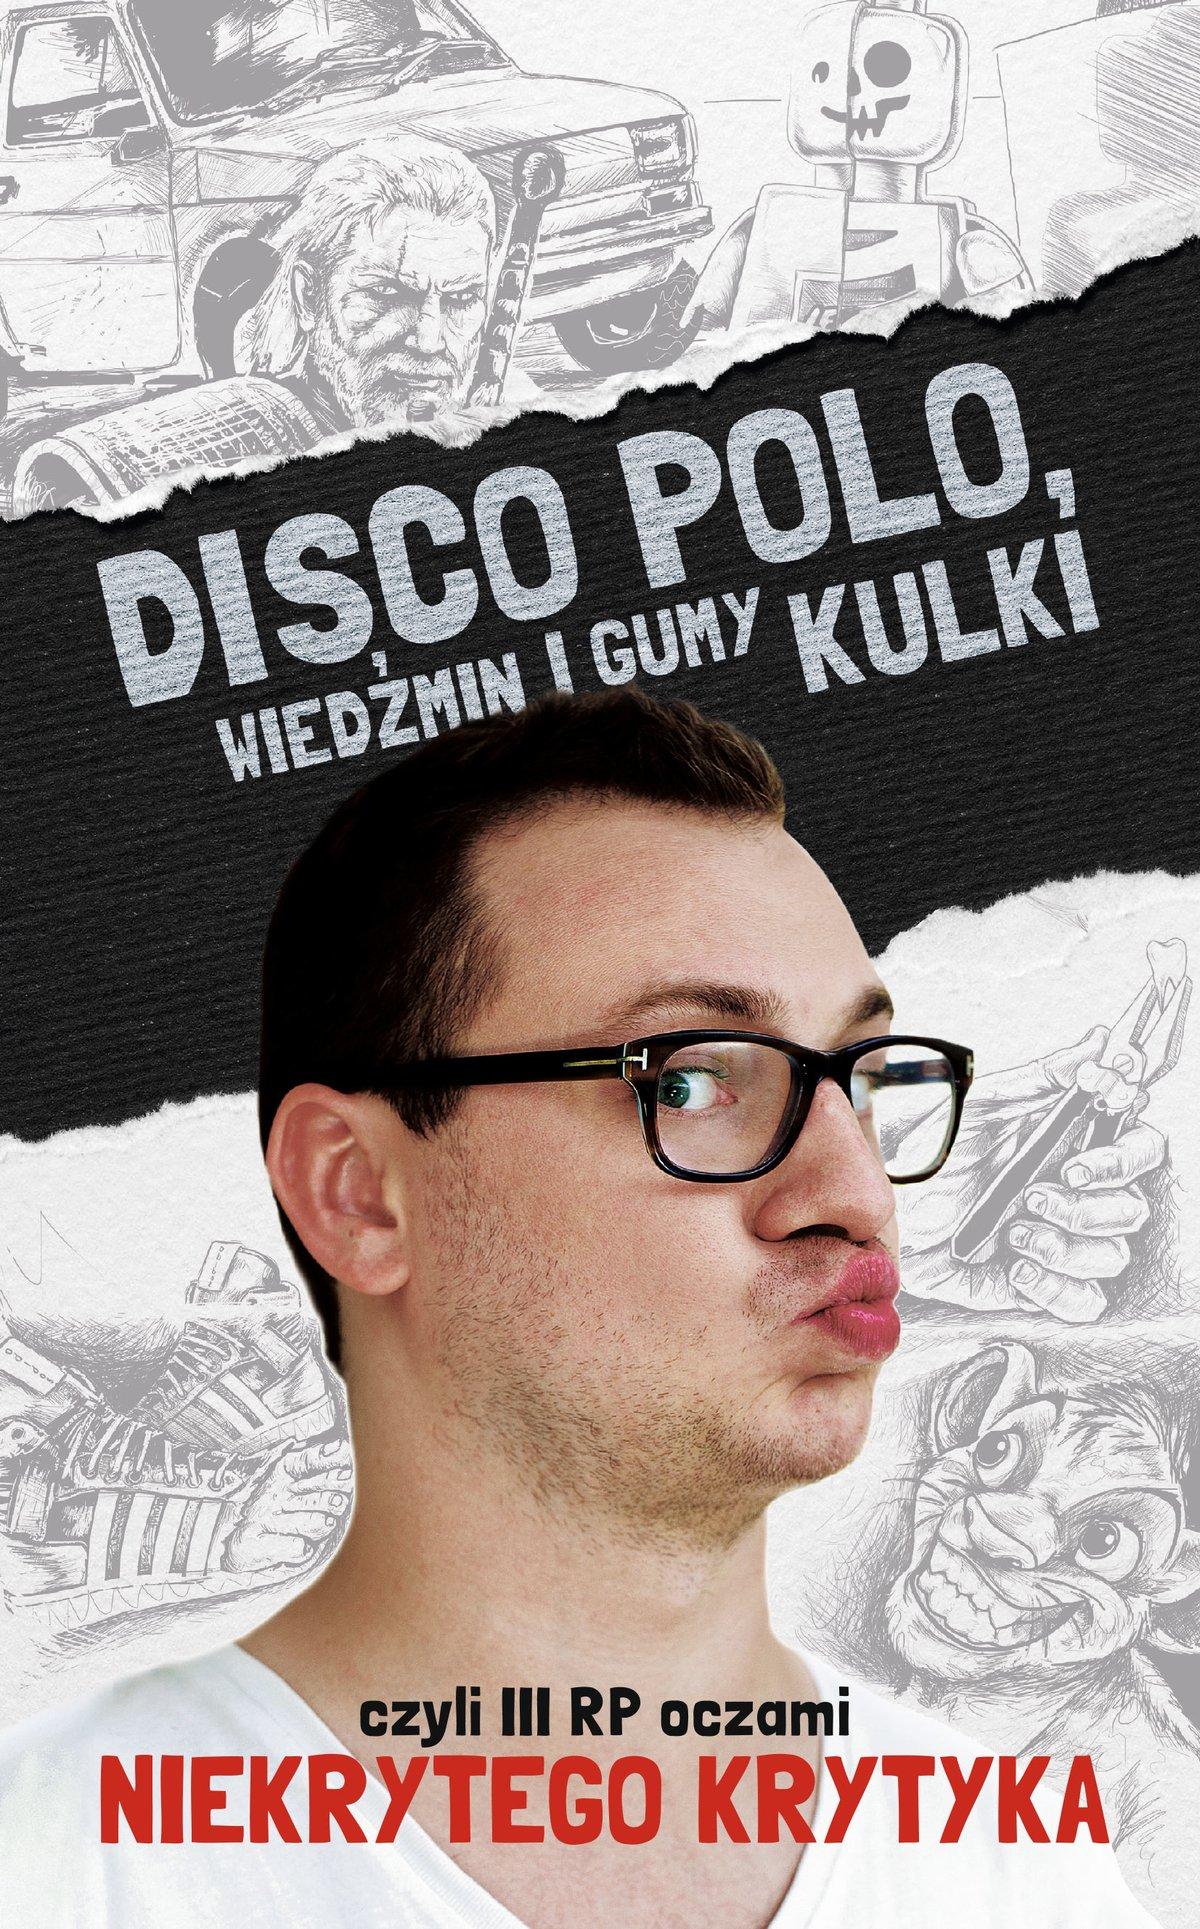 Disco Polo, Wiedźmin i gumy kulki, czyli III RP oczami Niekrytego Krytyka - Ebook (Książka EPUB) do pobrania w formacie EPUB